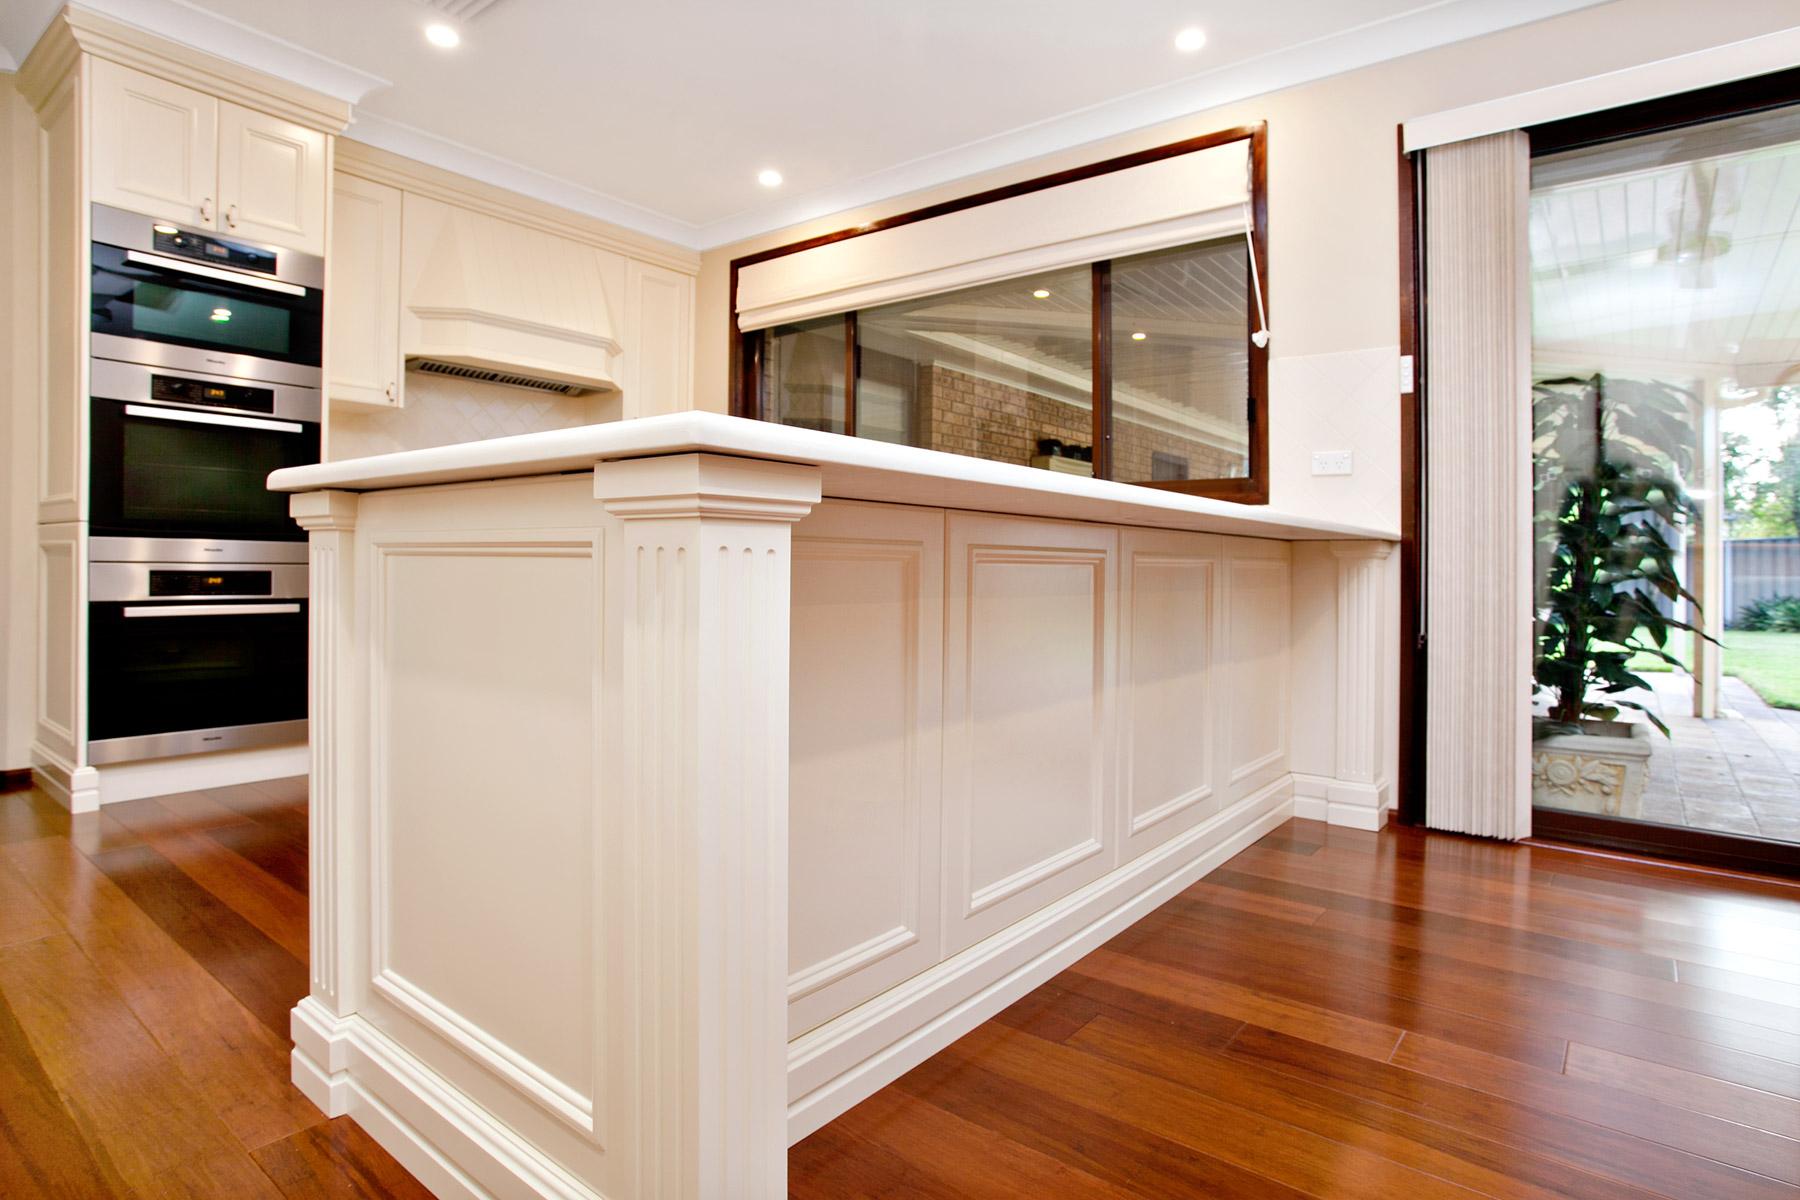 kitchens sydney (3)